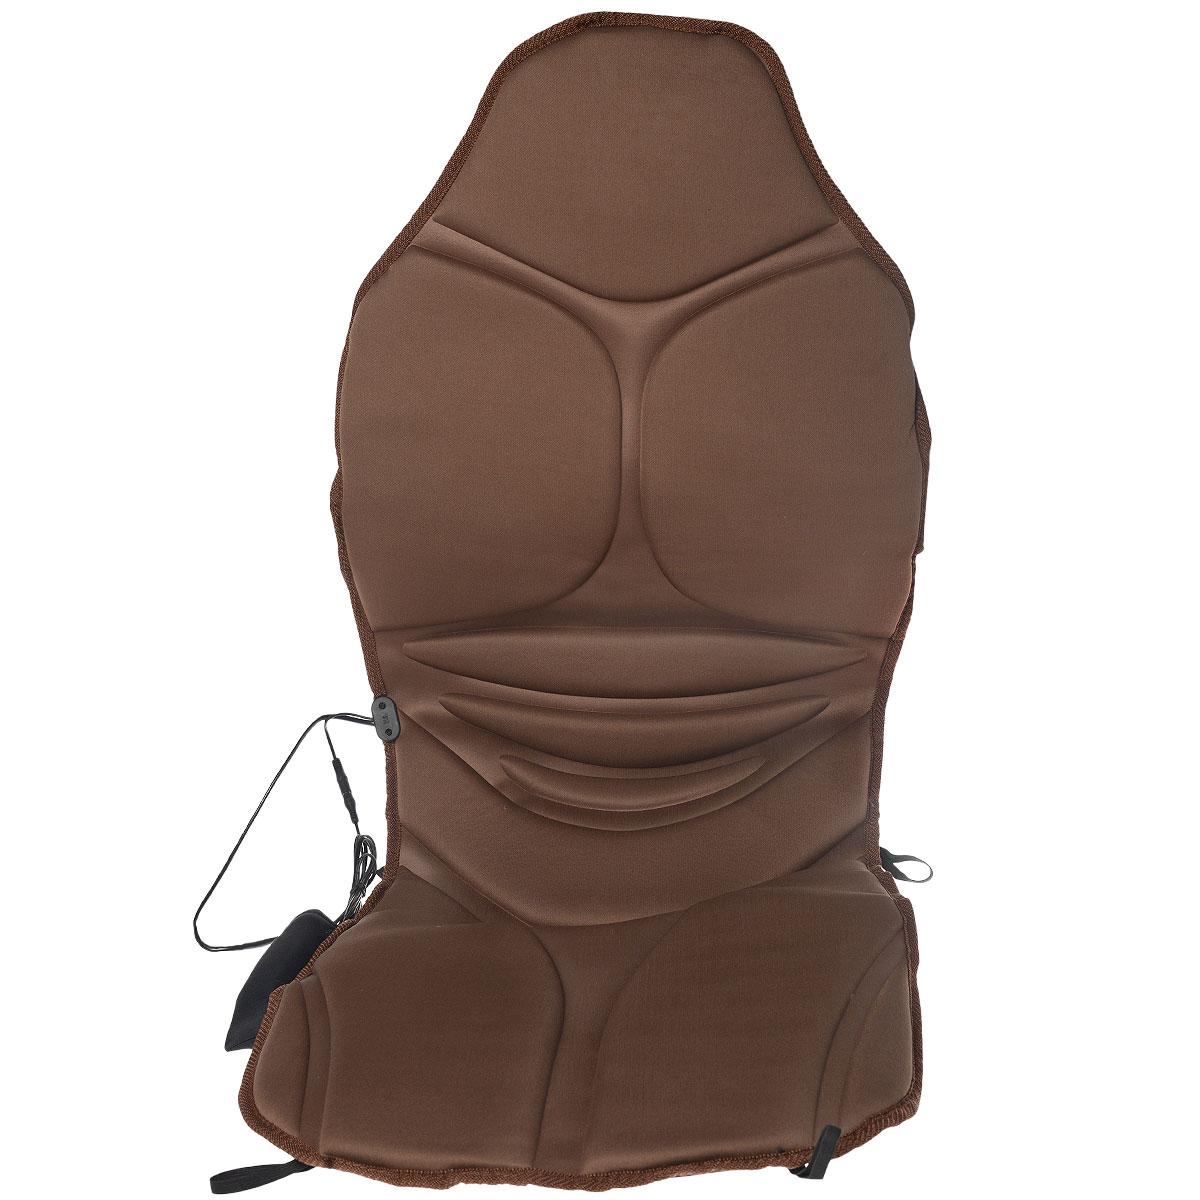 Накидка массажная на сиденье Sapfire, с обогревом, 117 см х 49 смMLT-1105GV BK/BL (M)Накидка на сиденье Sapfire выполнена из полиэстера и предназначена для сиденья в автомобильное кресло. Если вы проводите длительное время за рулем, то массажная накидка вам просто необходима. Установите ее на кресло и подарите себе расслабляющий и оздоровительный массаж. Пульт позволяет задать скорость, интенсивность и вид массажа. Функция подогрева усиливает эффективность процедуры. Преимущества массажной накидки Sapfire:- 5 массажных точек (шея, левая часть спины, правая часть спины, левая нога, правая нога); - таймер на 15 минут, 30 минут и 60 минут;- режим циркулирующего массажа;- функция обогрева; - пульт управления с контролем интенсивности; - эргономичная форма сиденья; - упругий наполнитель удобно поддерживает тело.Напряжение: 12V DC.Энергопотребление моторов: 0,84W, 70ma - один мотор.Нагревательный элемент: 3,6W, 300ma.Термостат: 65±5°C.Размер накидки: 117 см х 49 см.Уважаемые клиенты!Обращаем ваше внимание, что накидка работает от прикуривателя автомобиля.